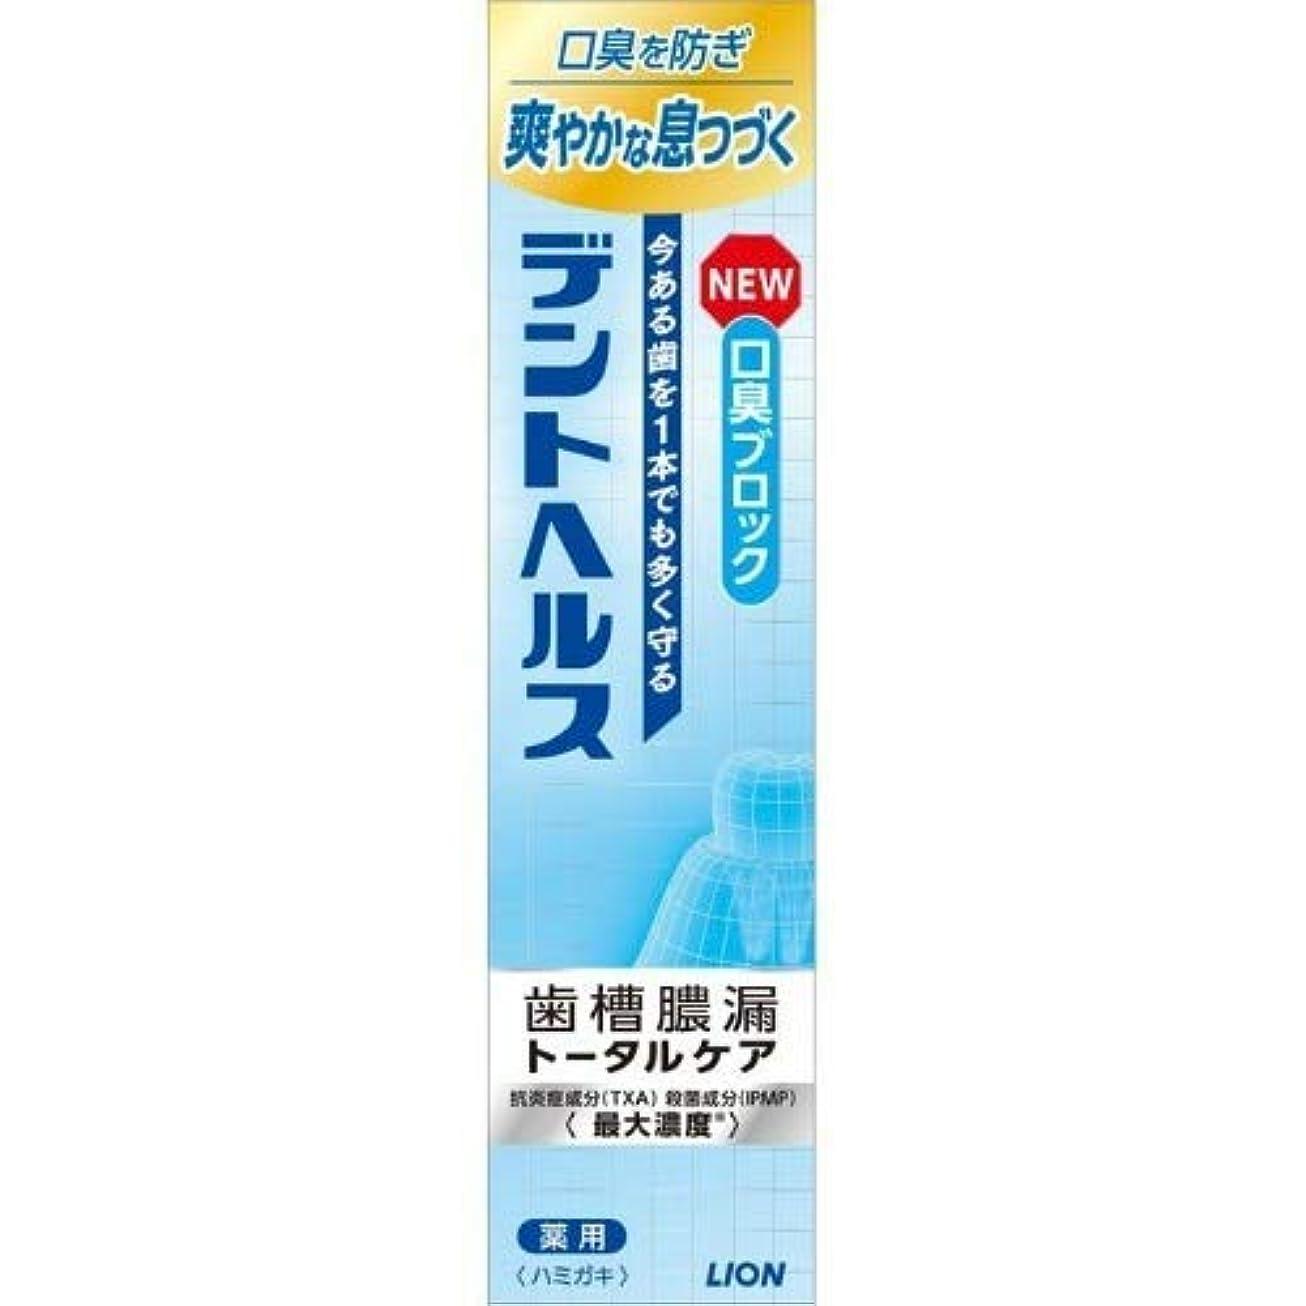 中古統治可能パプアニューギニアデントヘルス薬用ハミガキ 口臭ブロック115G × 4個セット